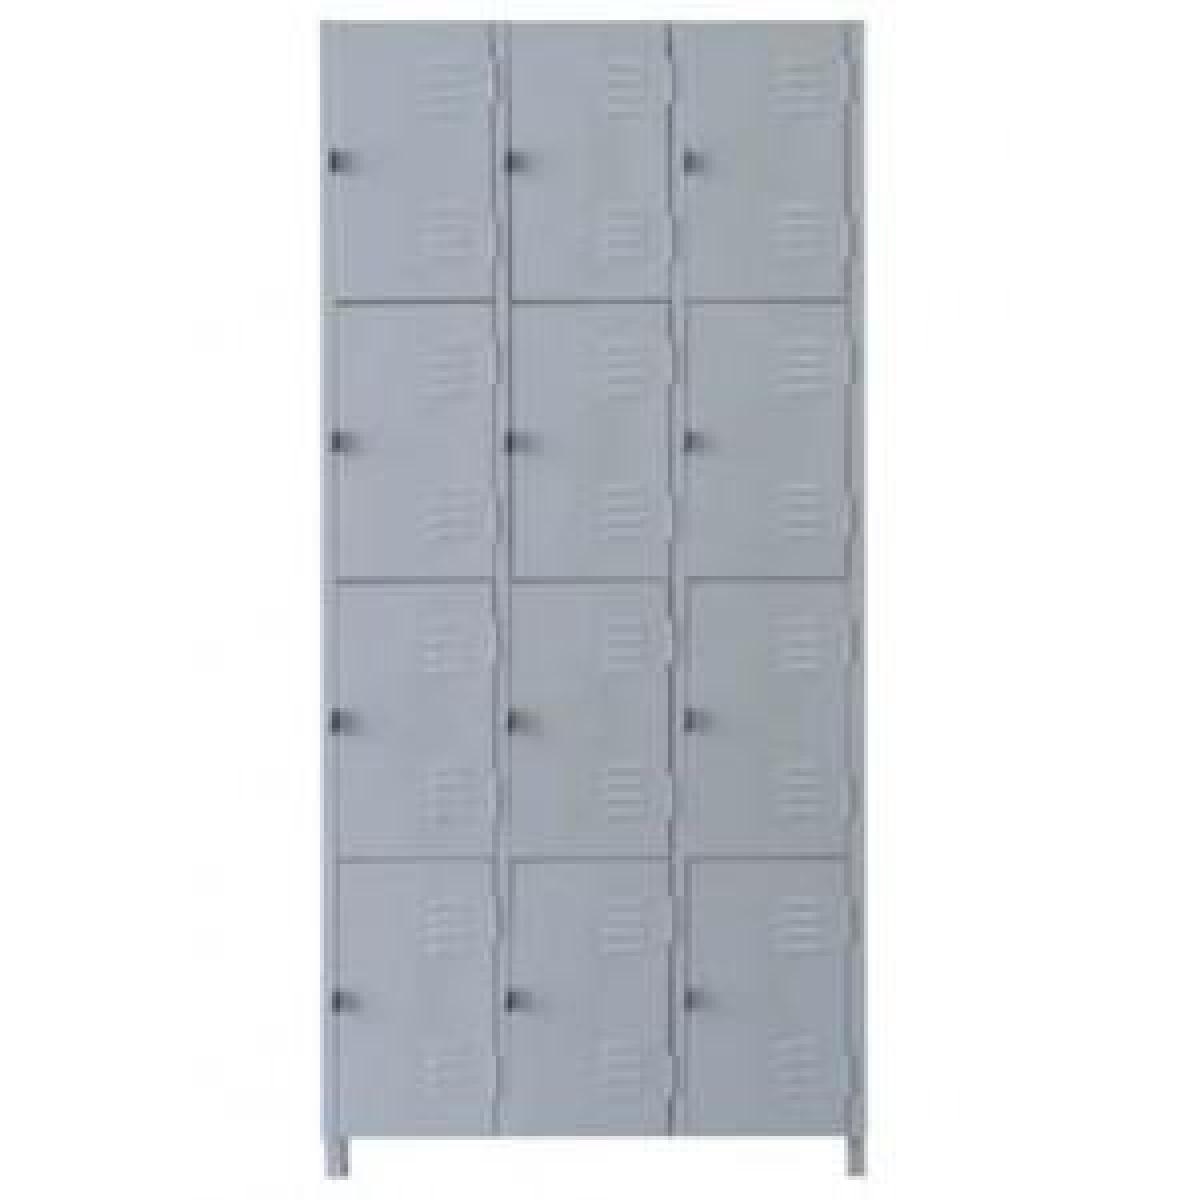 AÇO-06 -197x093x040 Roupeiro Para Vestiario De Aço Com 12 Portas Pequenas Com Pitão Para Cadeado